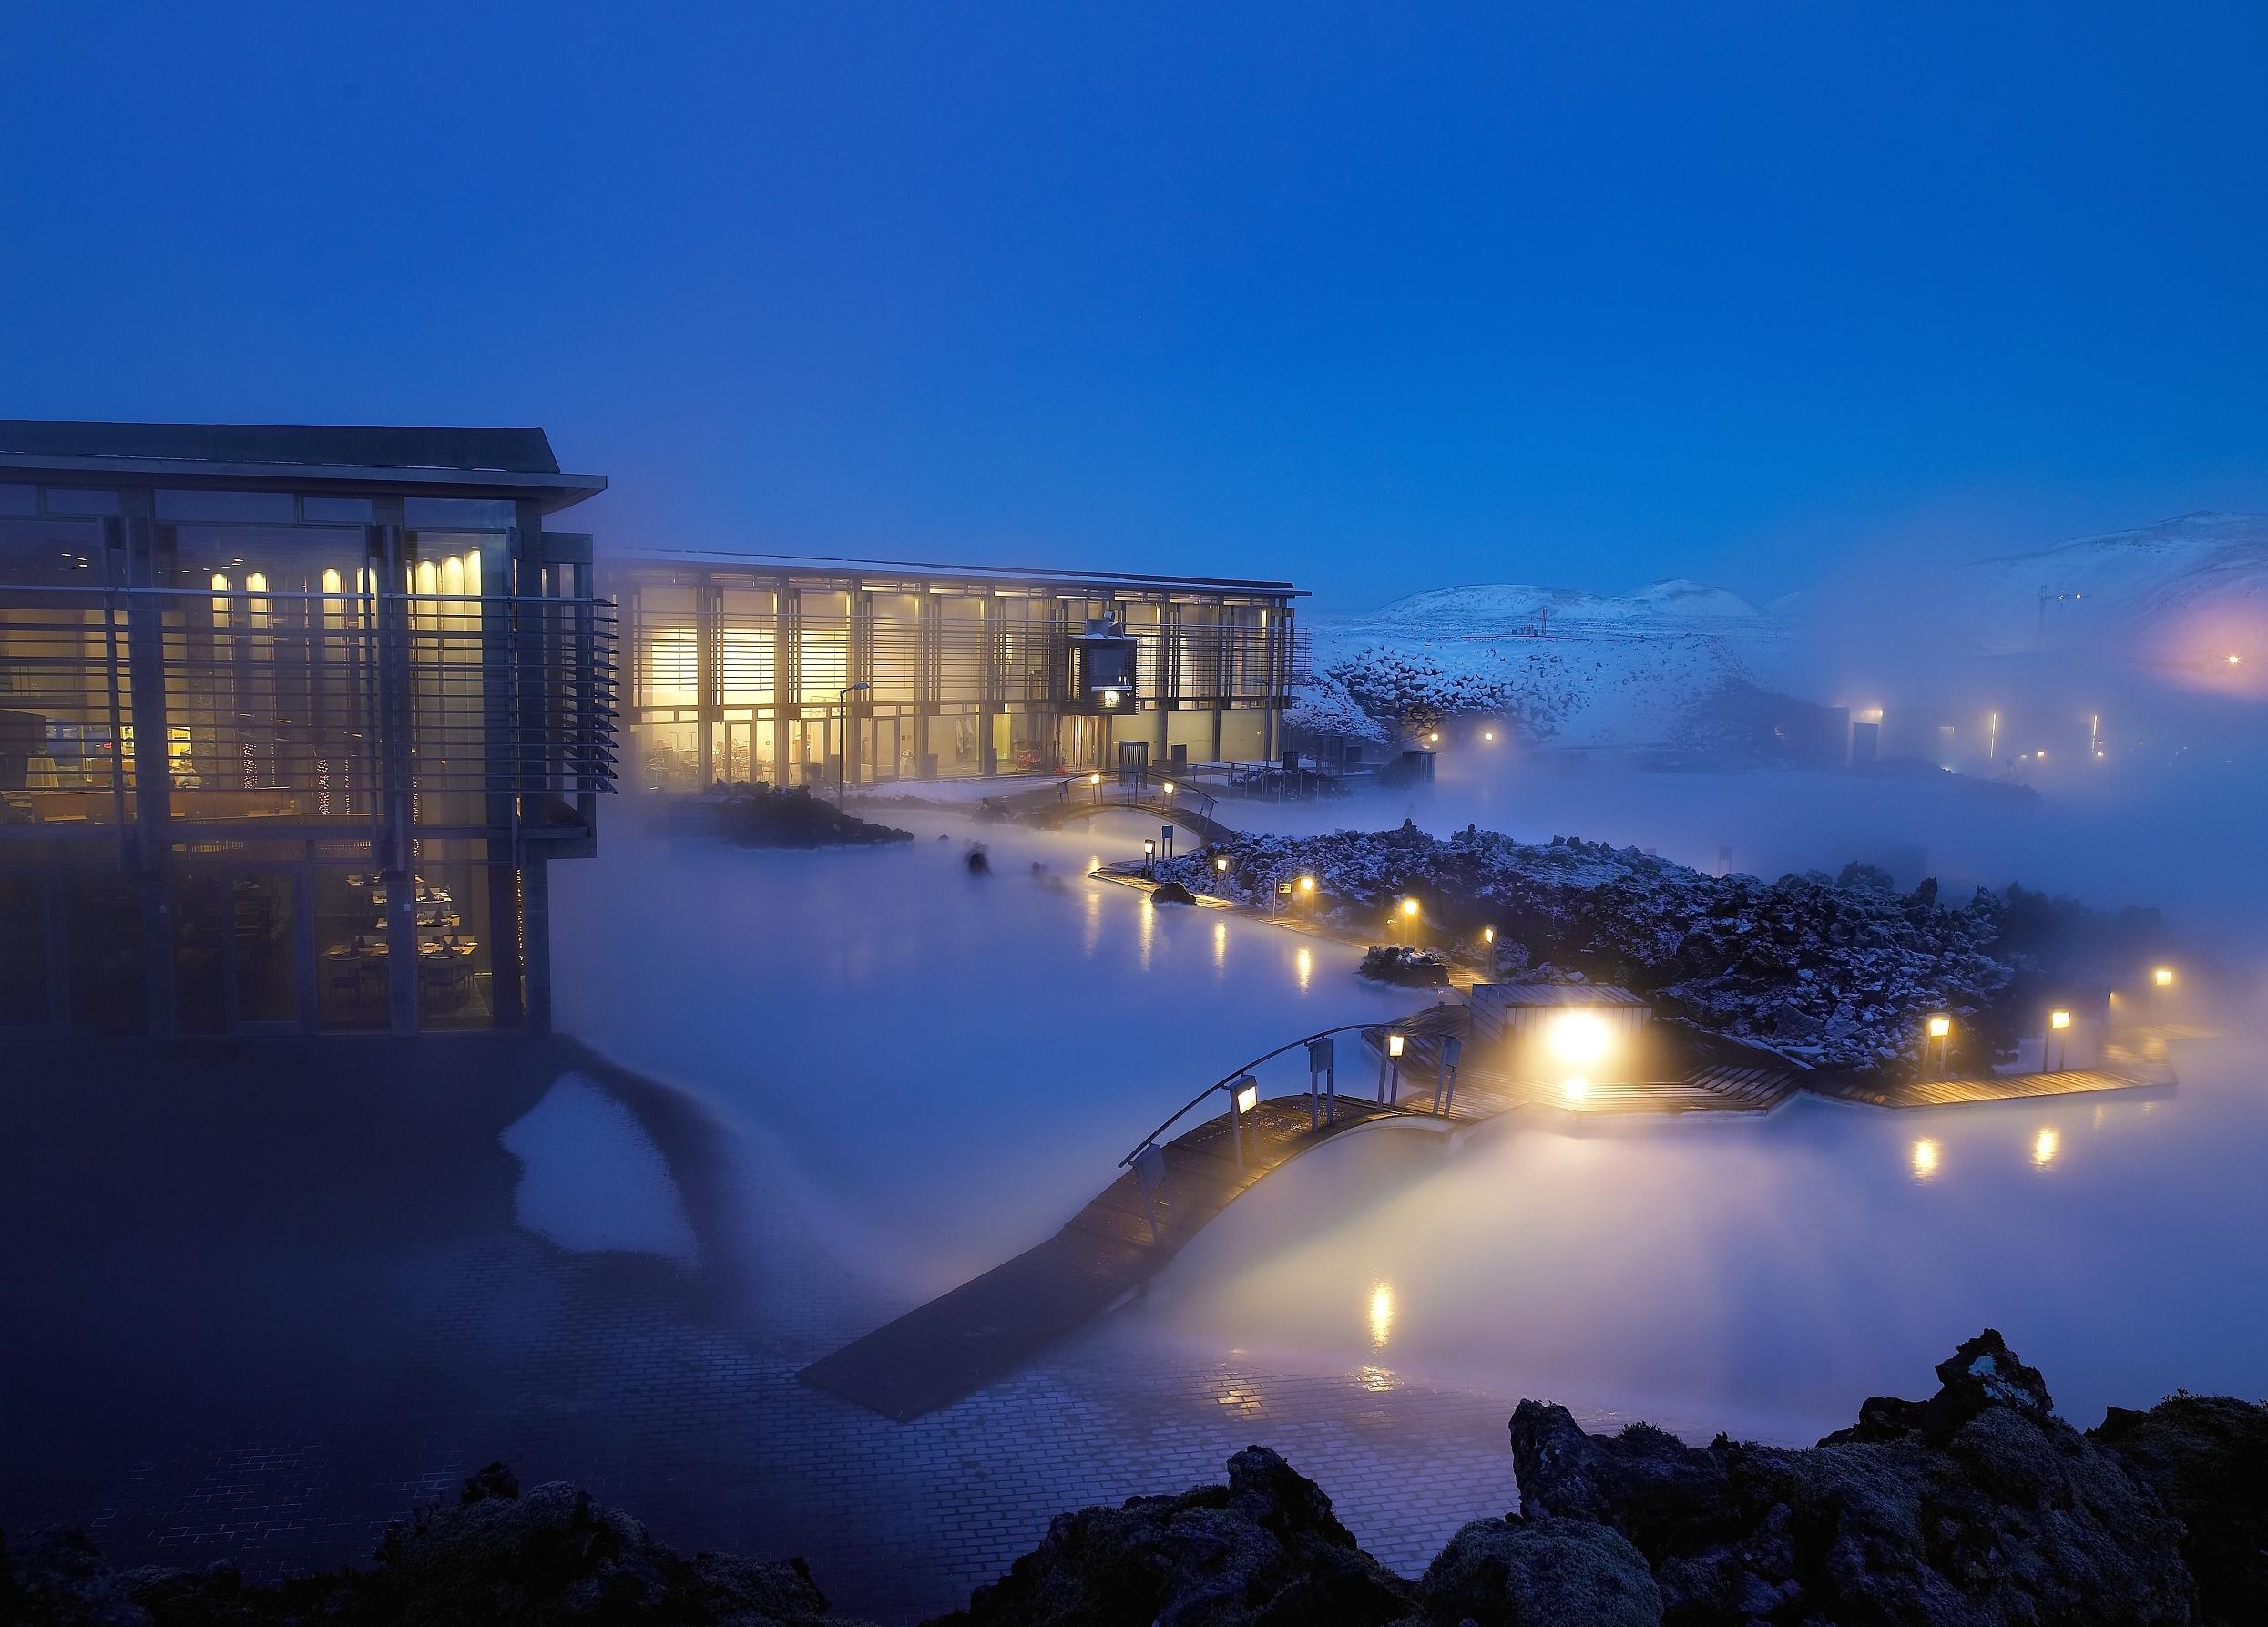 息烽温泉是全国著名八大温泉之一,地处黔中,位于息烽城东北40公里的天台山脚下,海拔高度700米,四面环山。